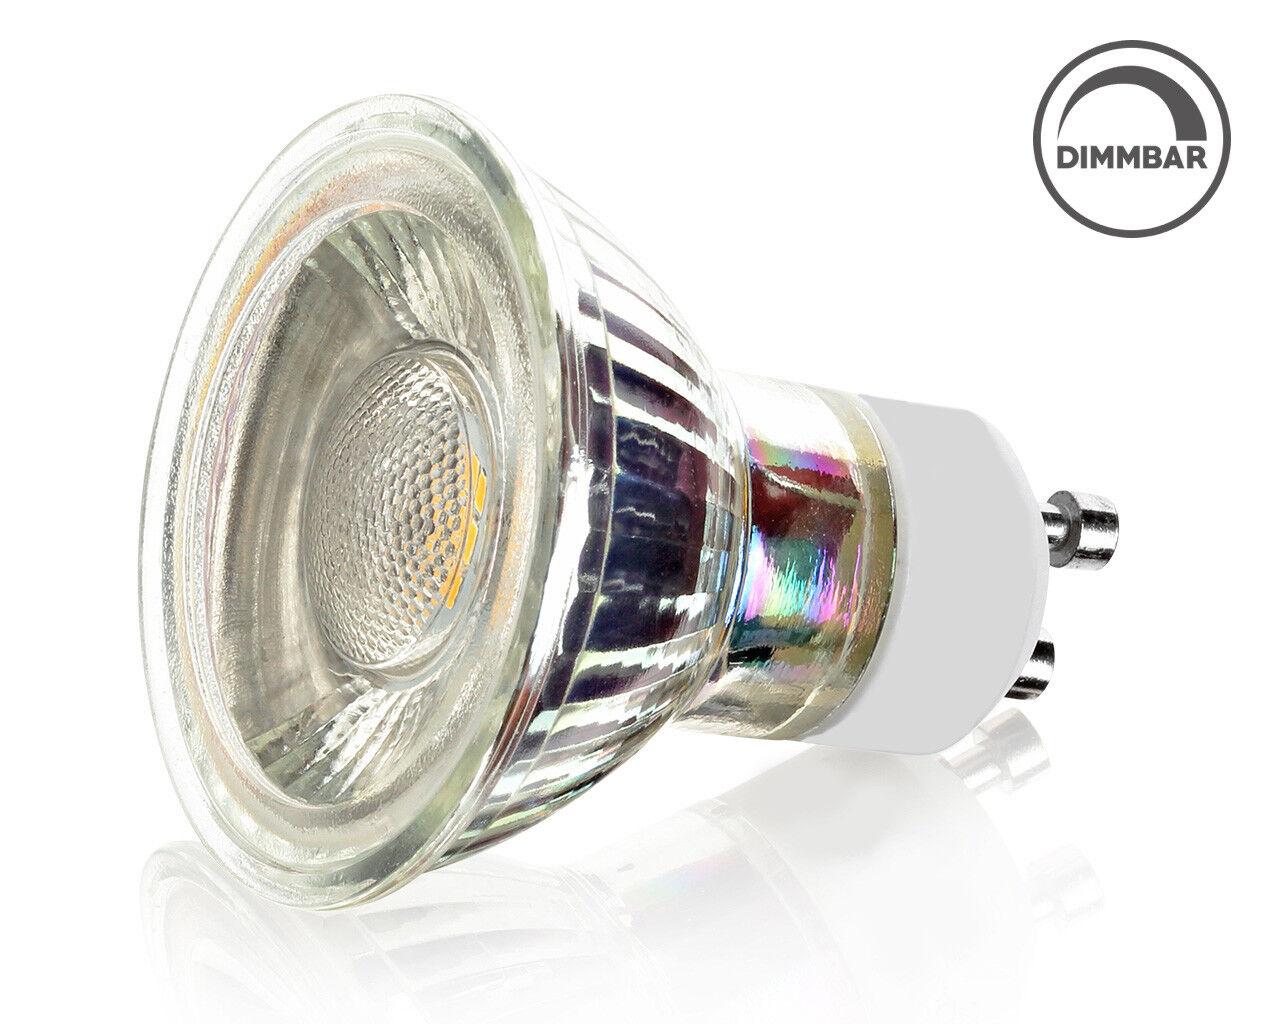 GU10 Lampen Fassung Mit Brandschutzkabel Und Keramik